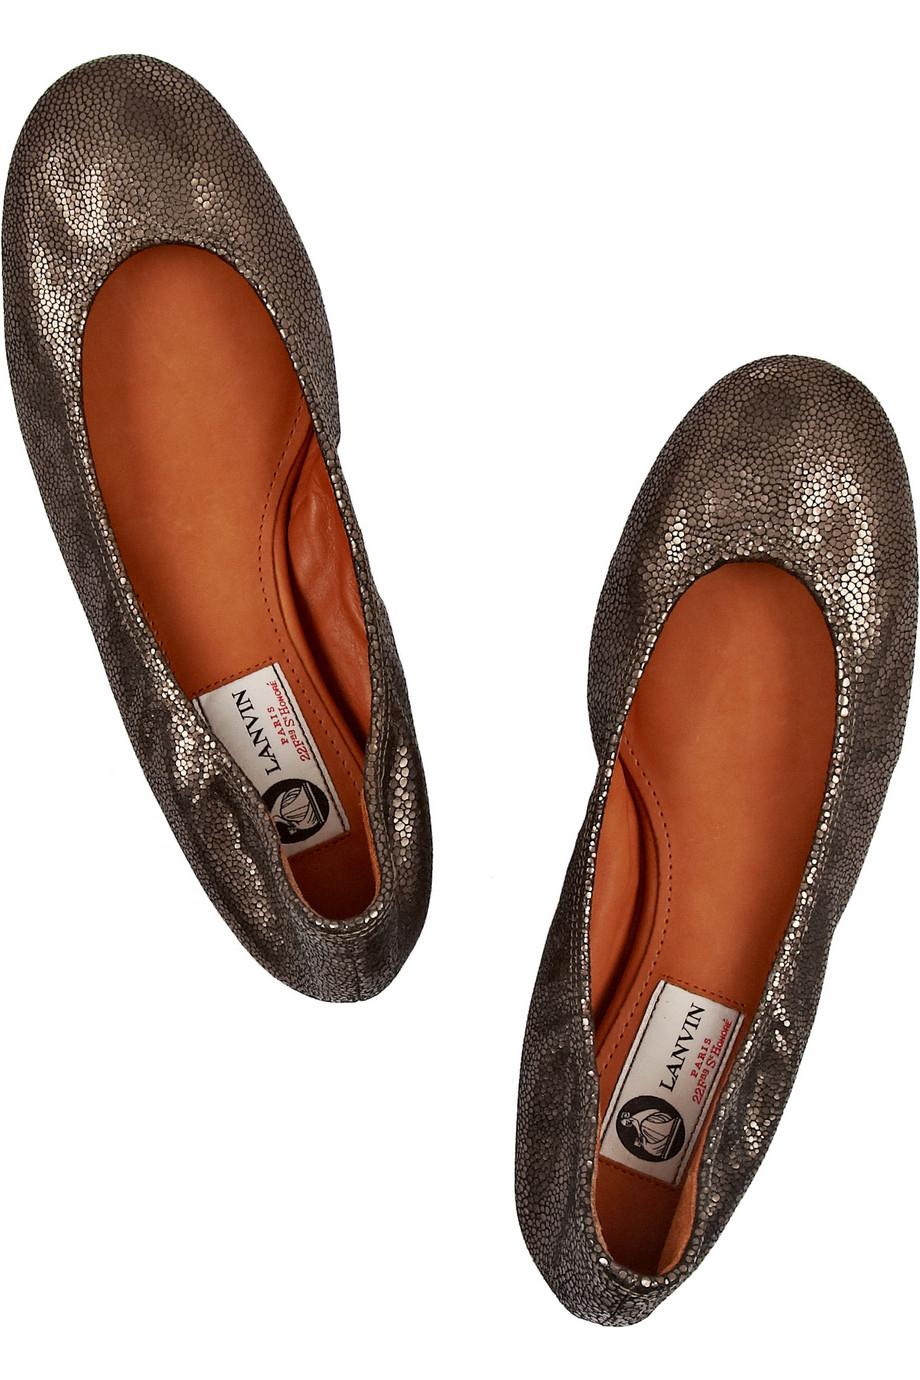 Lanvin Metallic Ballet Flats cheap for cheap Um8WT3EZ